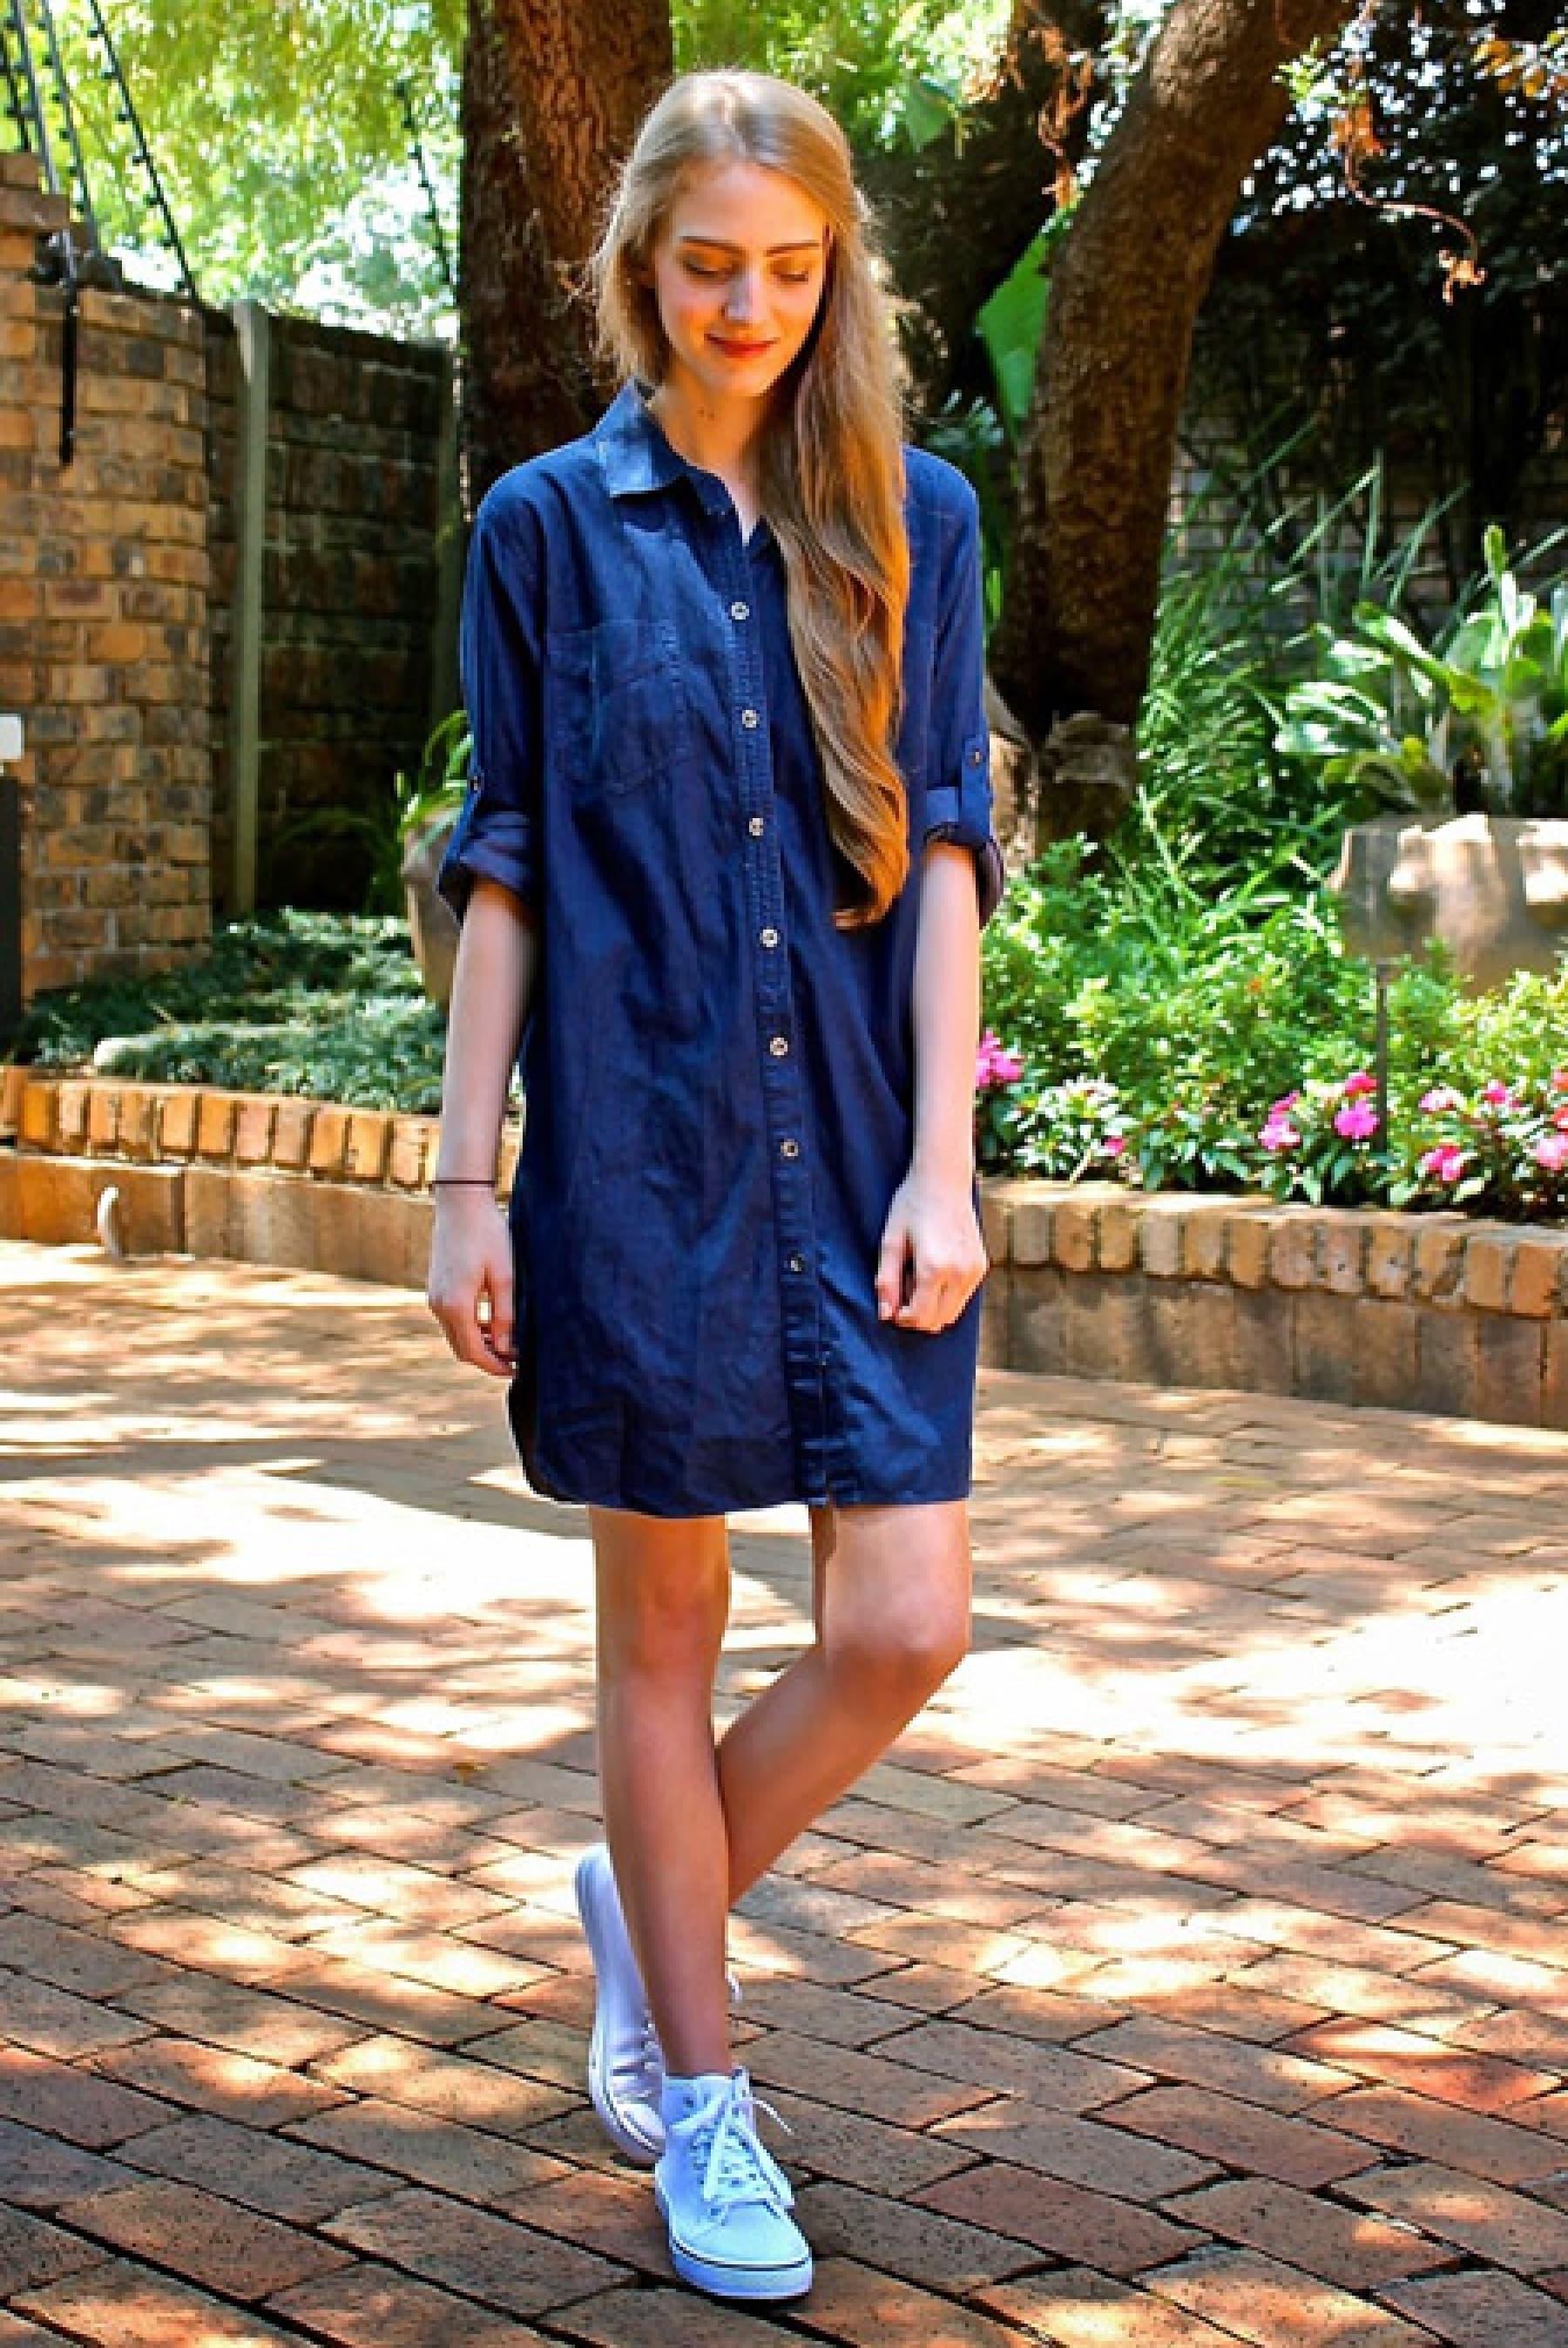 джинсовое платье и кеды